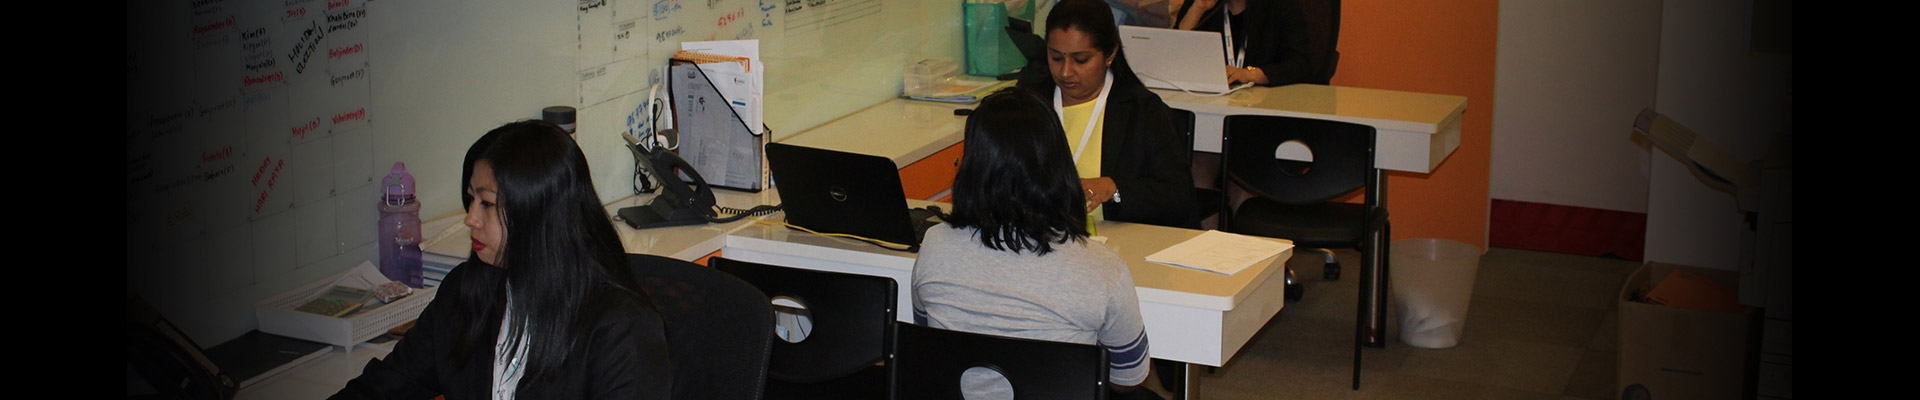 Charisha At Work With Clients - About - Charisha